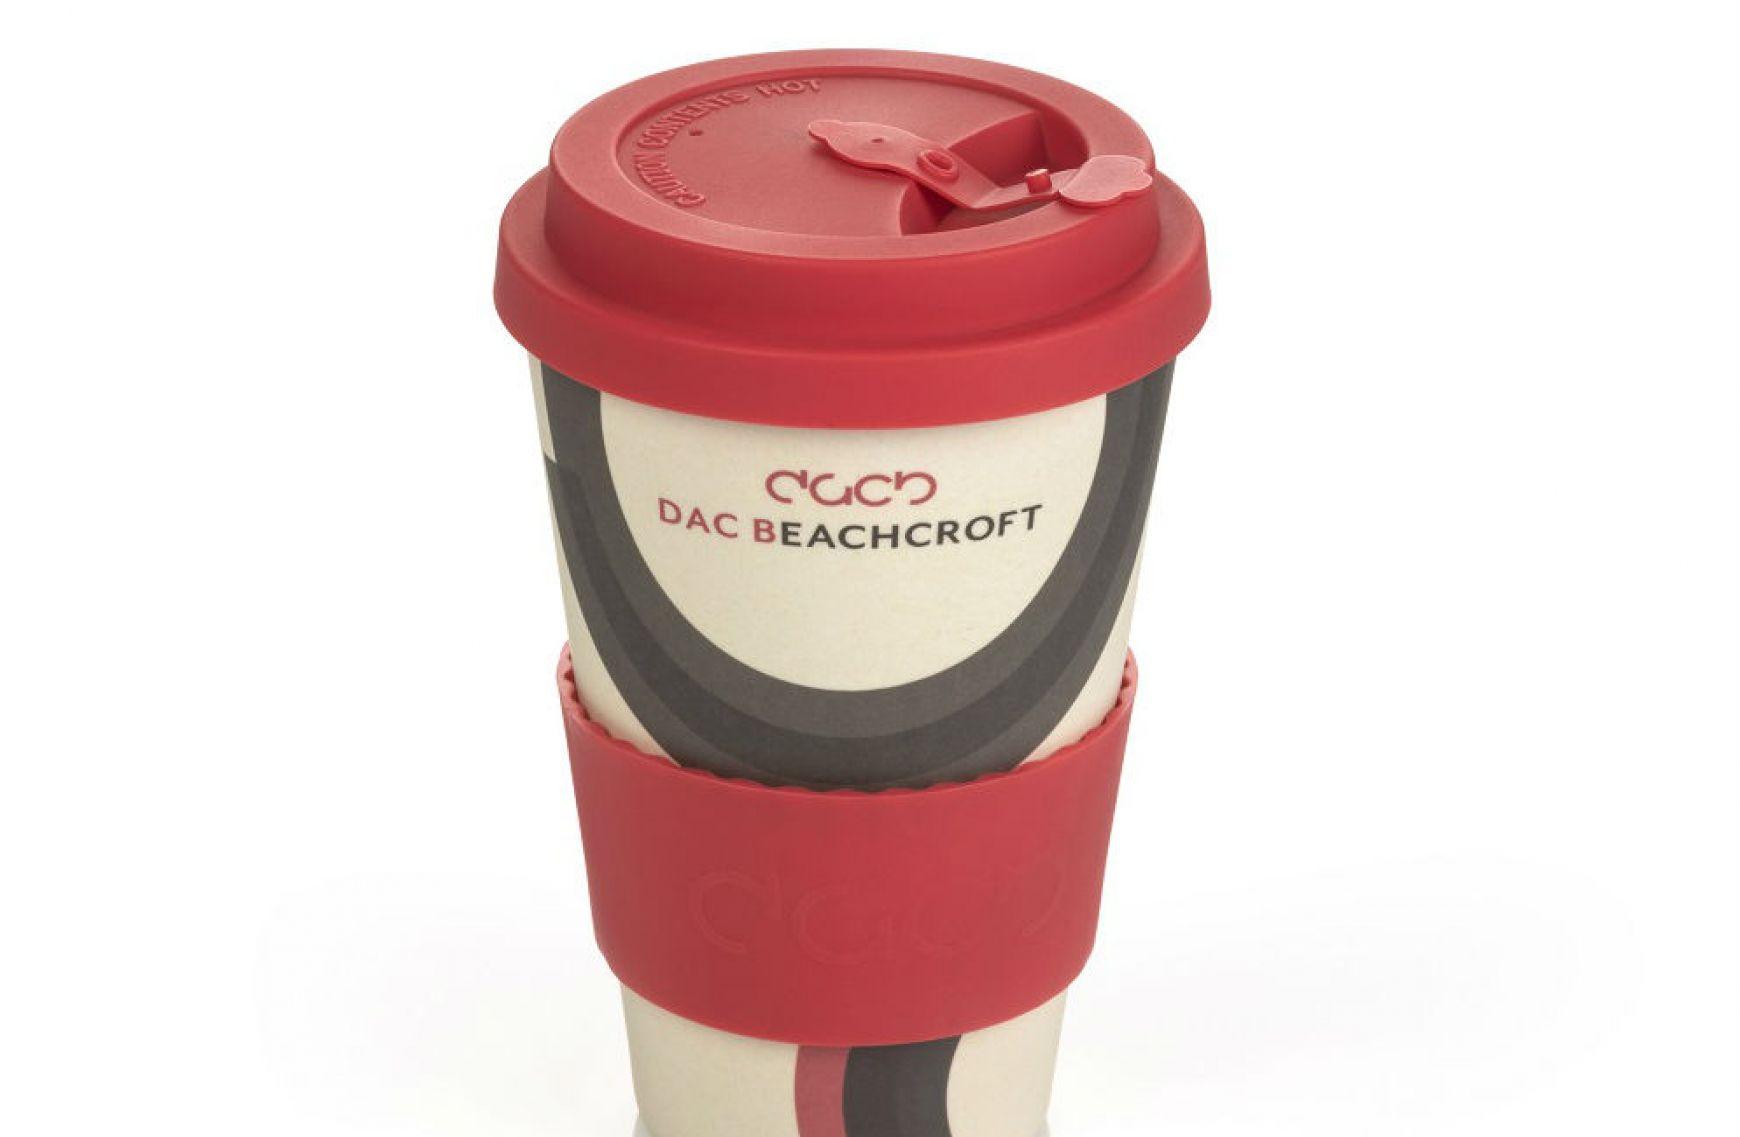 DAC Beachcroft Bamboo mug